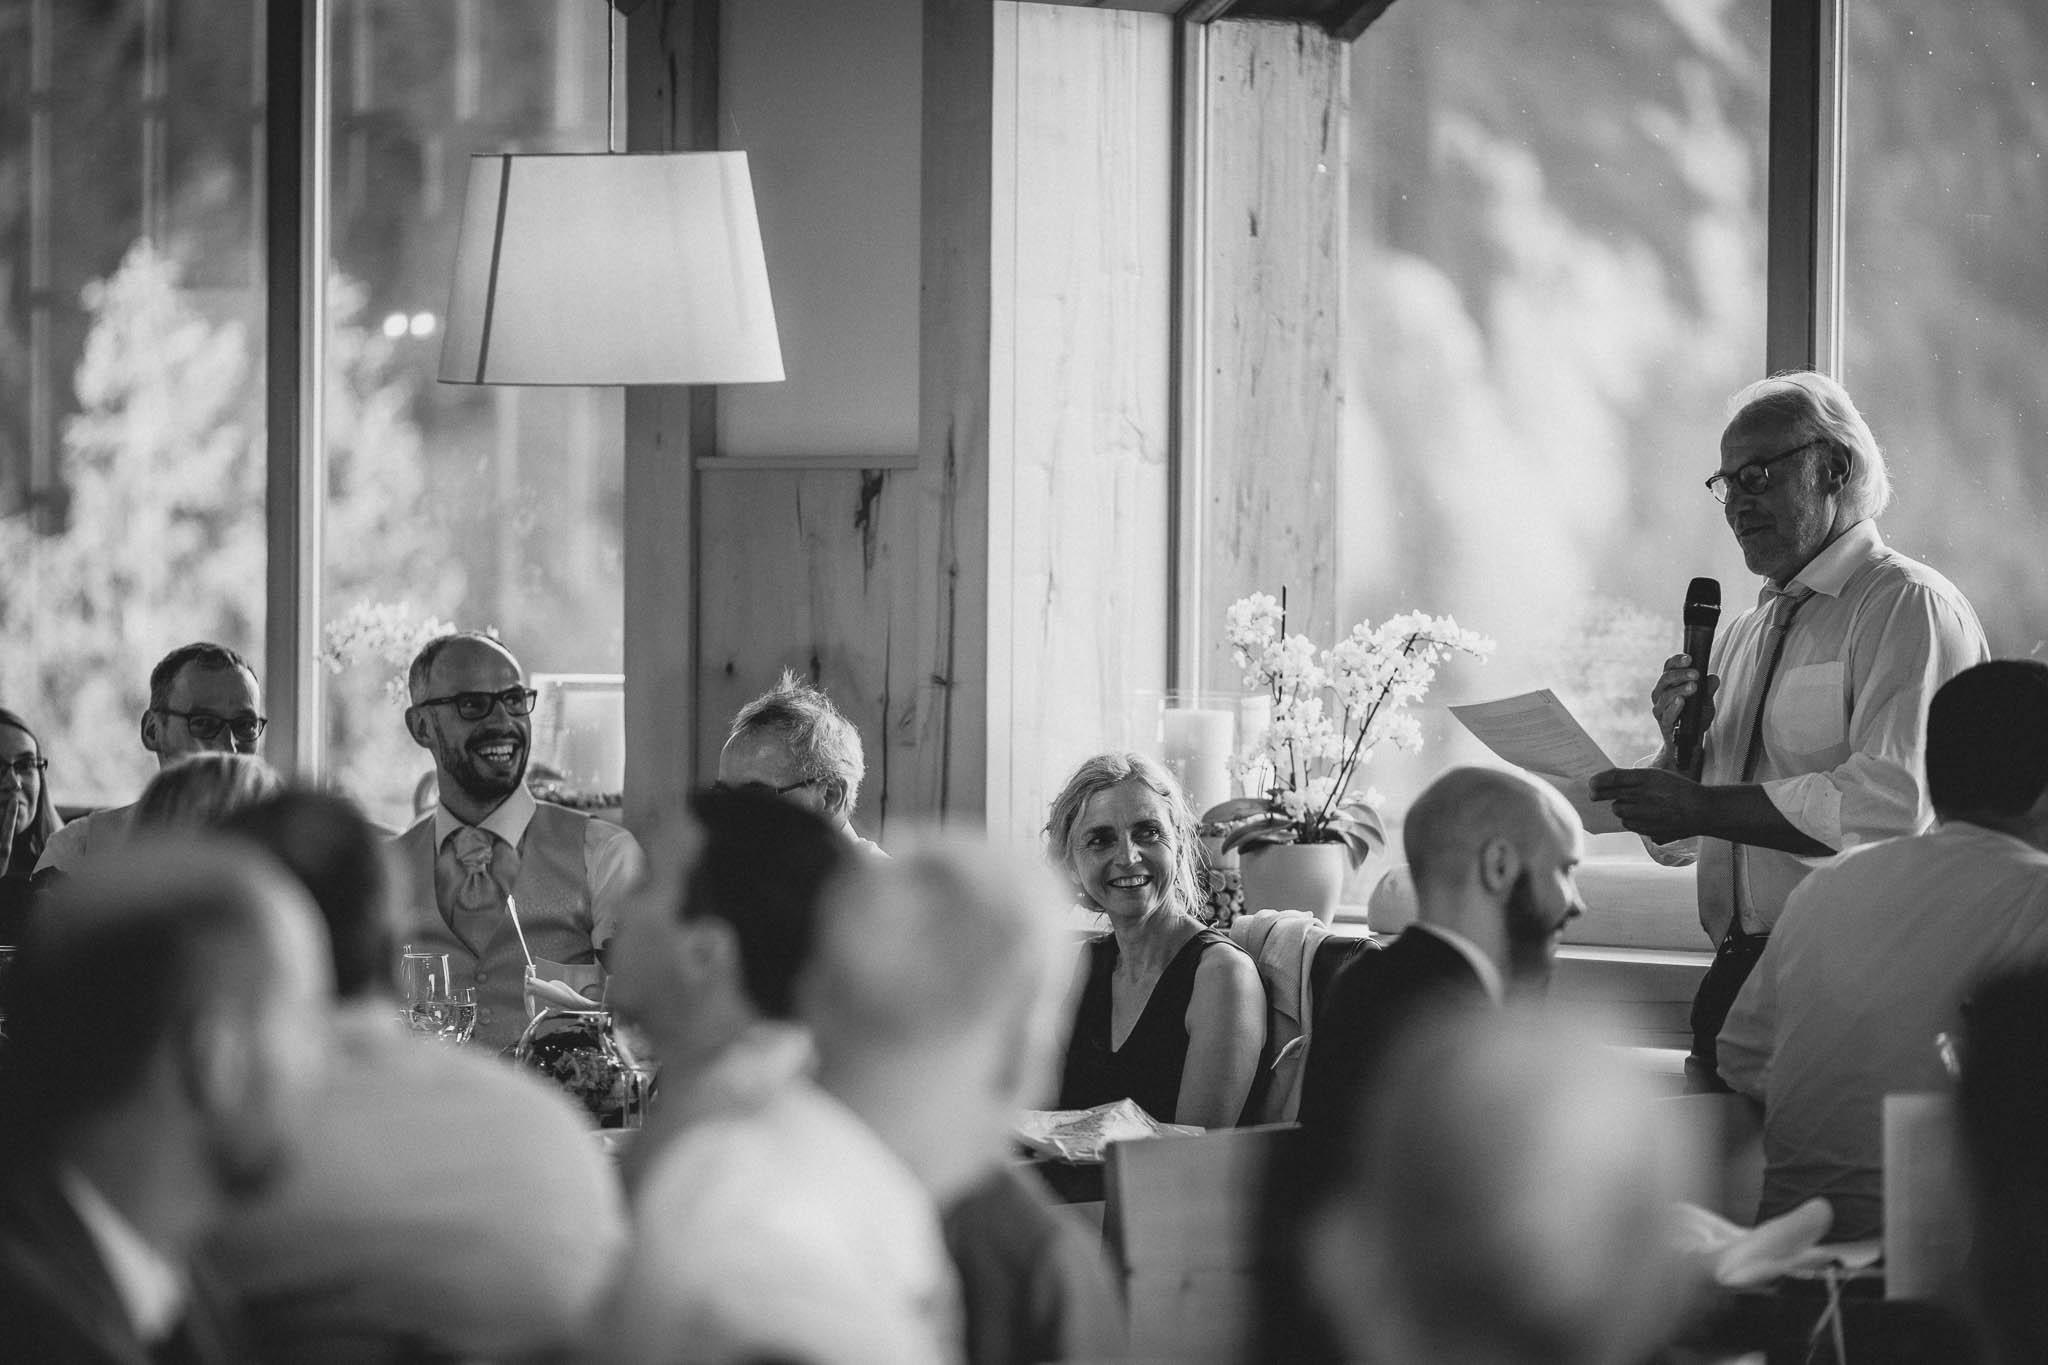 Hochzeitsfotograf Alpen, Chiemgau: freie Trauung von Dennis & Dirk 81